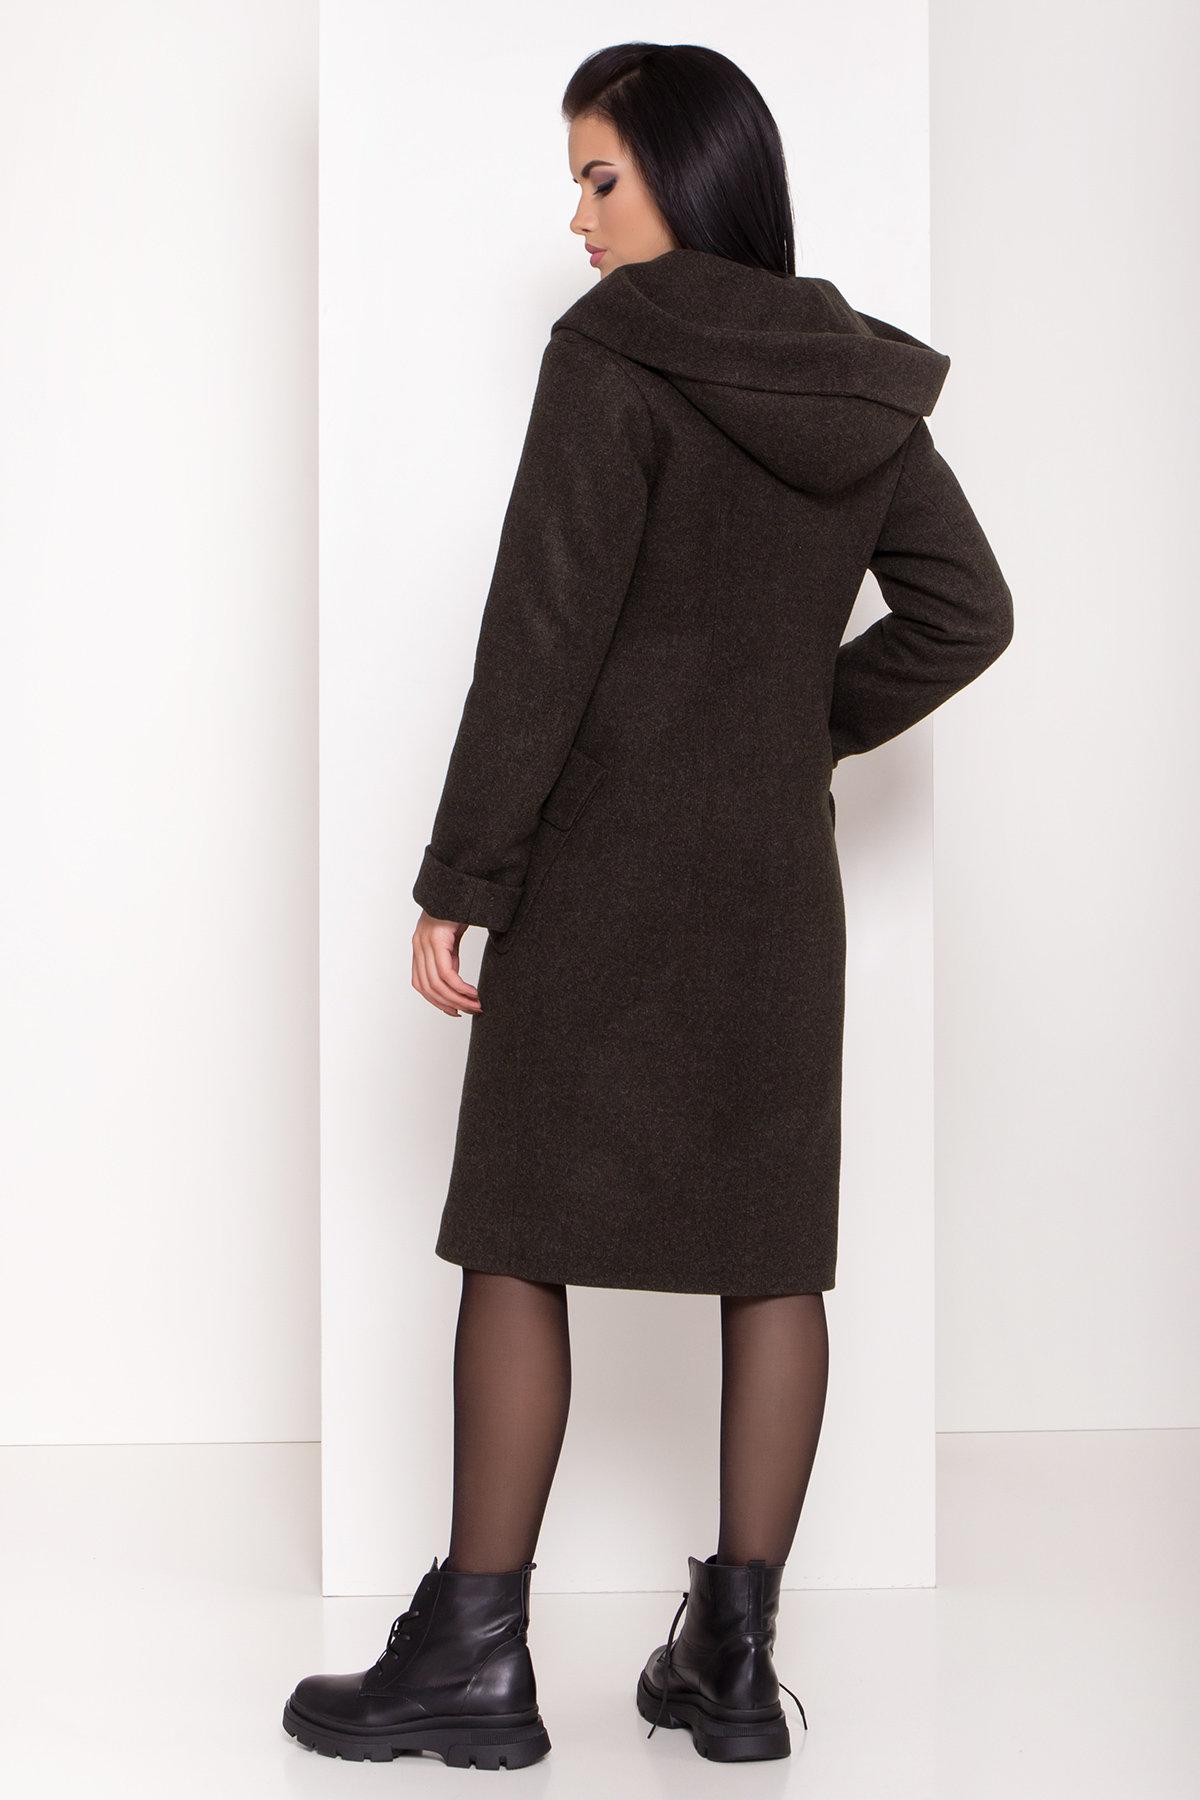 Женское пальто зима с накладными карманами Анджи 8299 АРТ. 44424 Цвет: Хаки - фото 3, интернет магазин tm-modus.ru